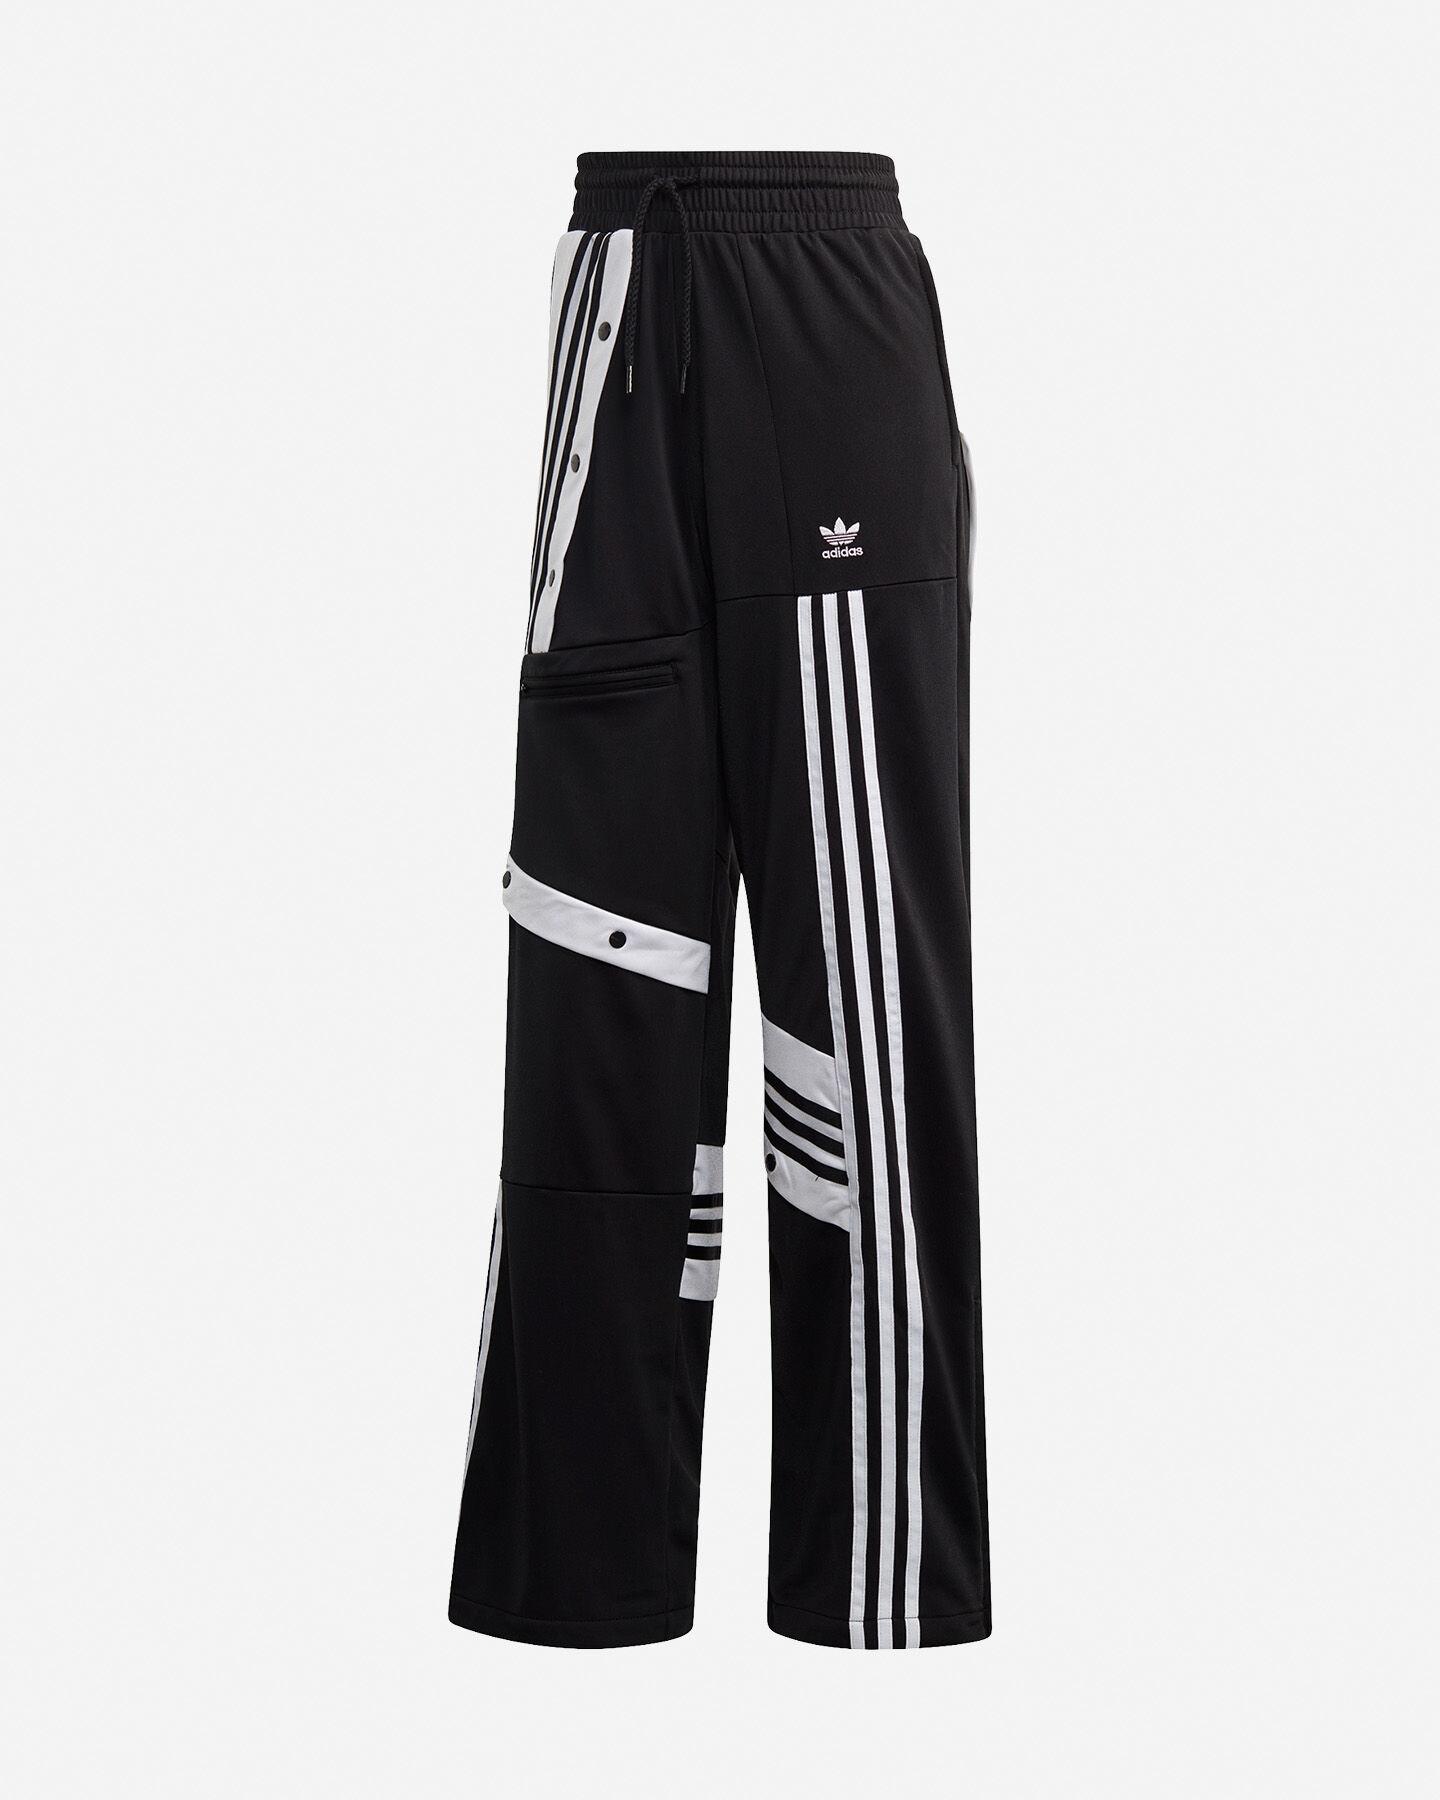 Pantalone ADIDAS ORIGINALS DANIELLE CATHARI TRACK W S5210233 scatto 0